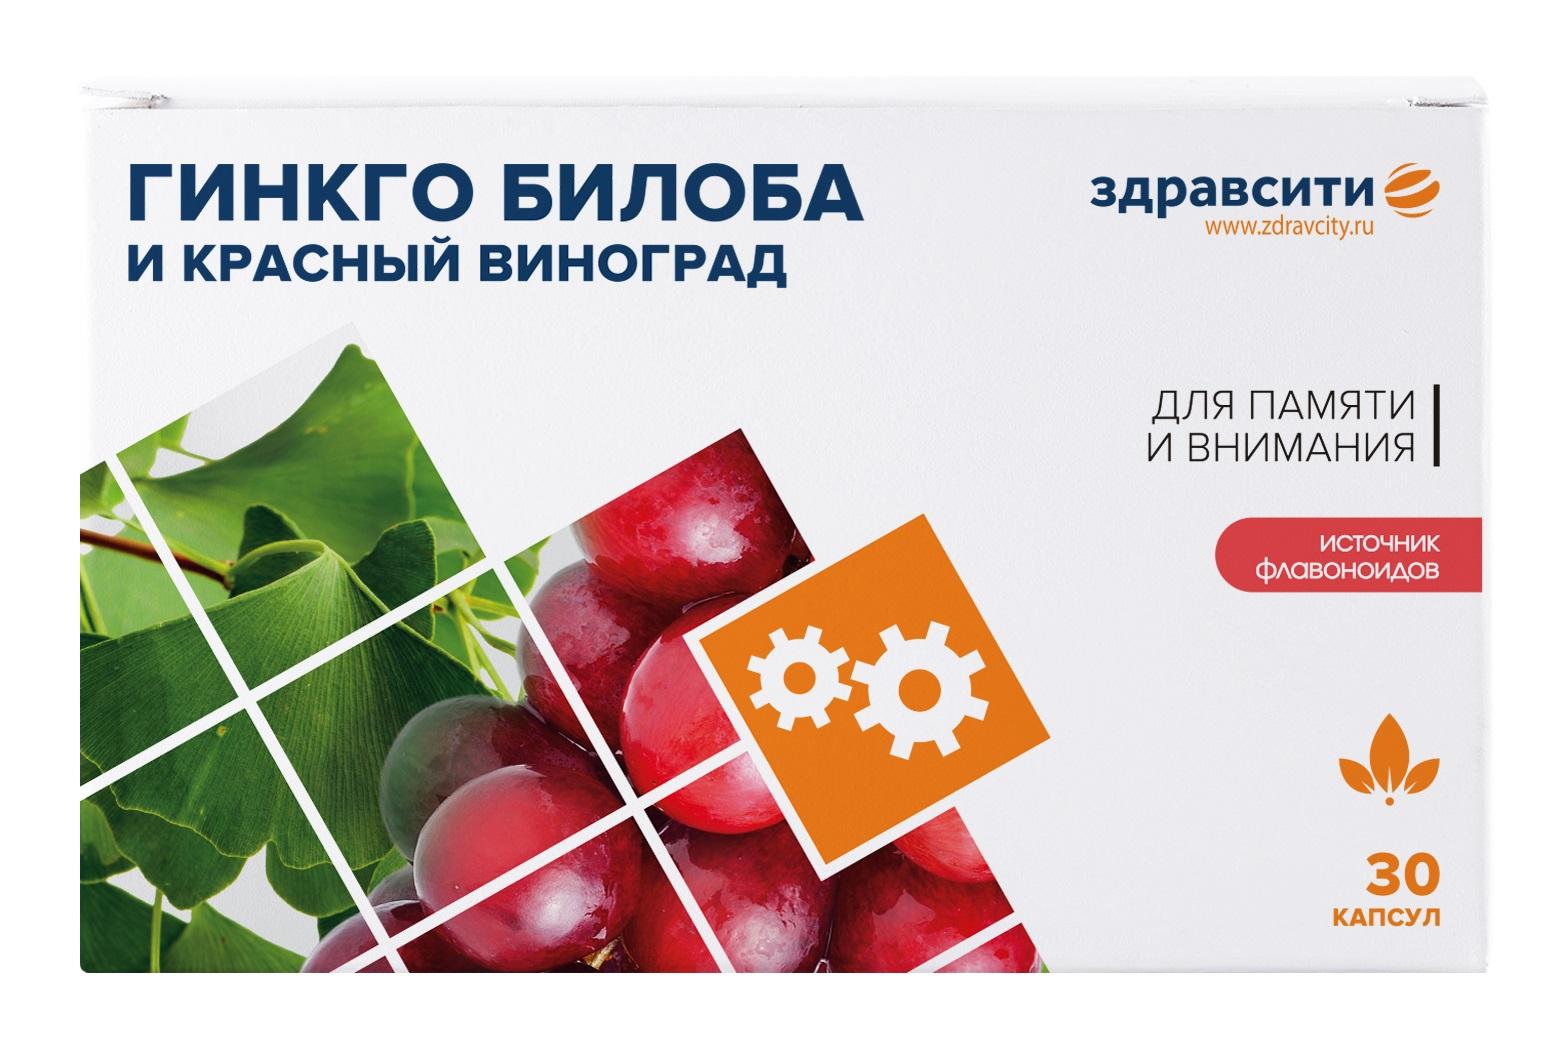 Здравсити комплекс экстрактов листьев красного винограда и гинкго билоба, капс. 300 мг №30 (бад)